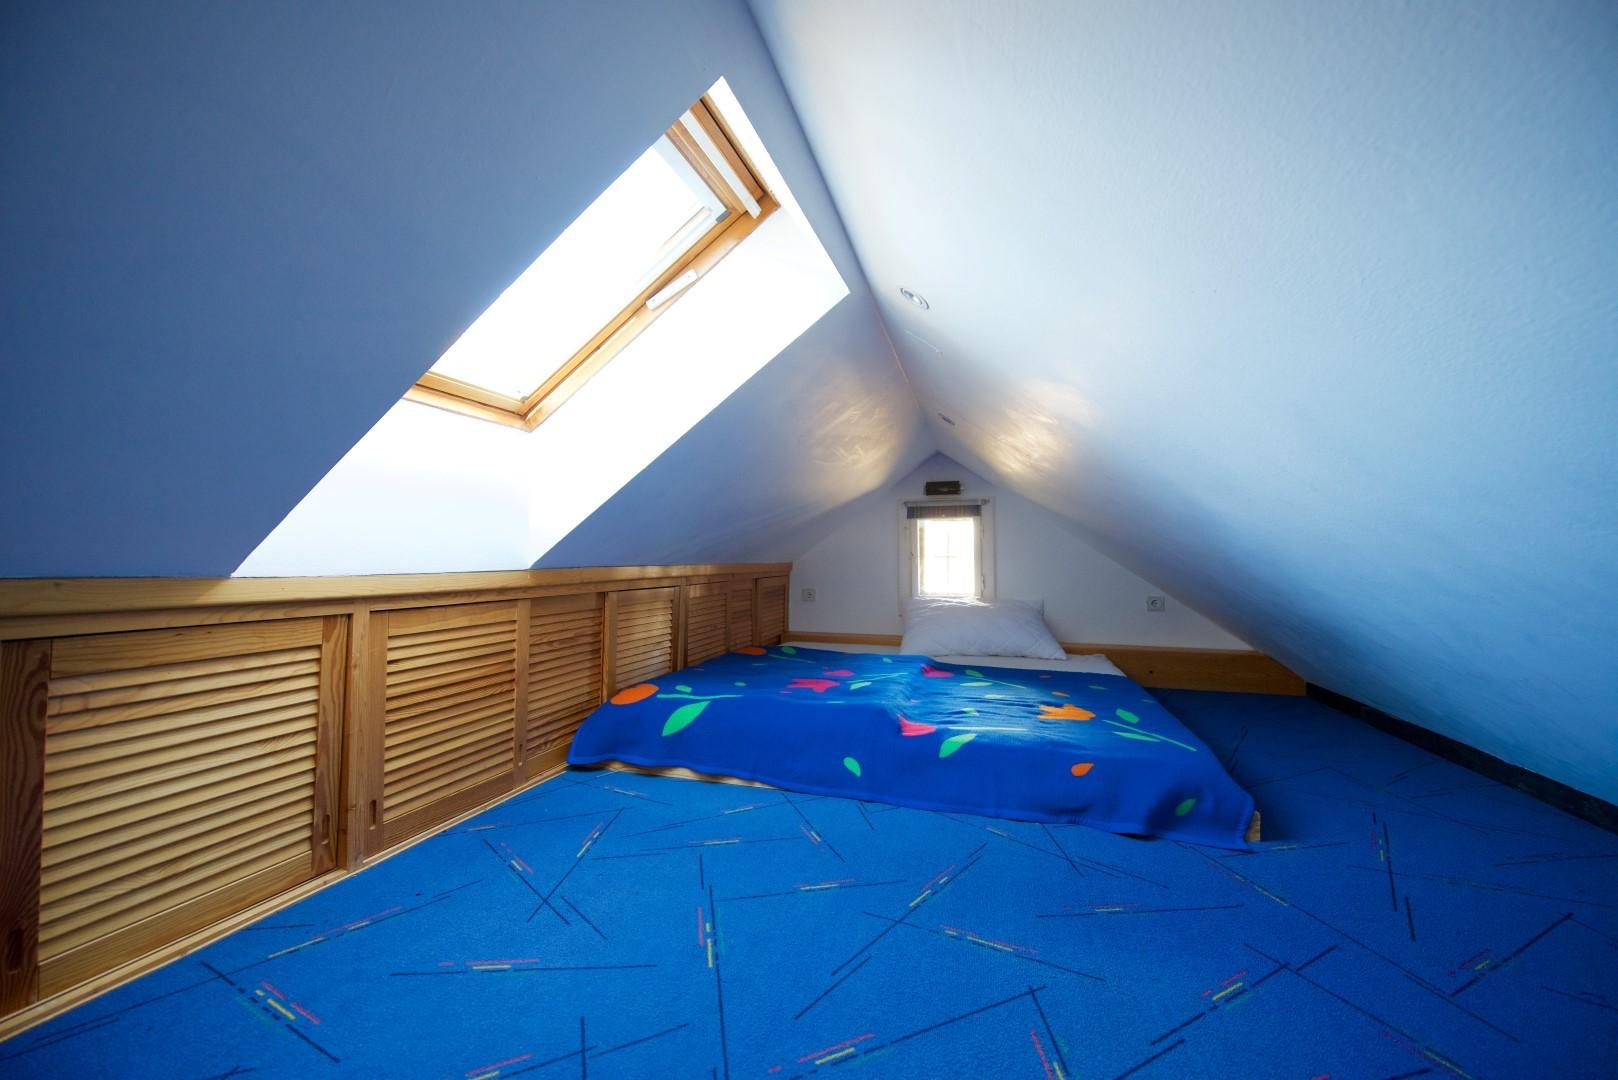 offener Dachgiebel mit Schlafstelle für 2 Kinder (Raumhöhe 1,5 m)